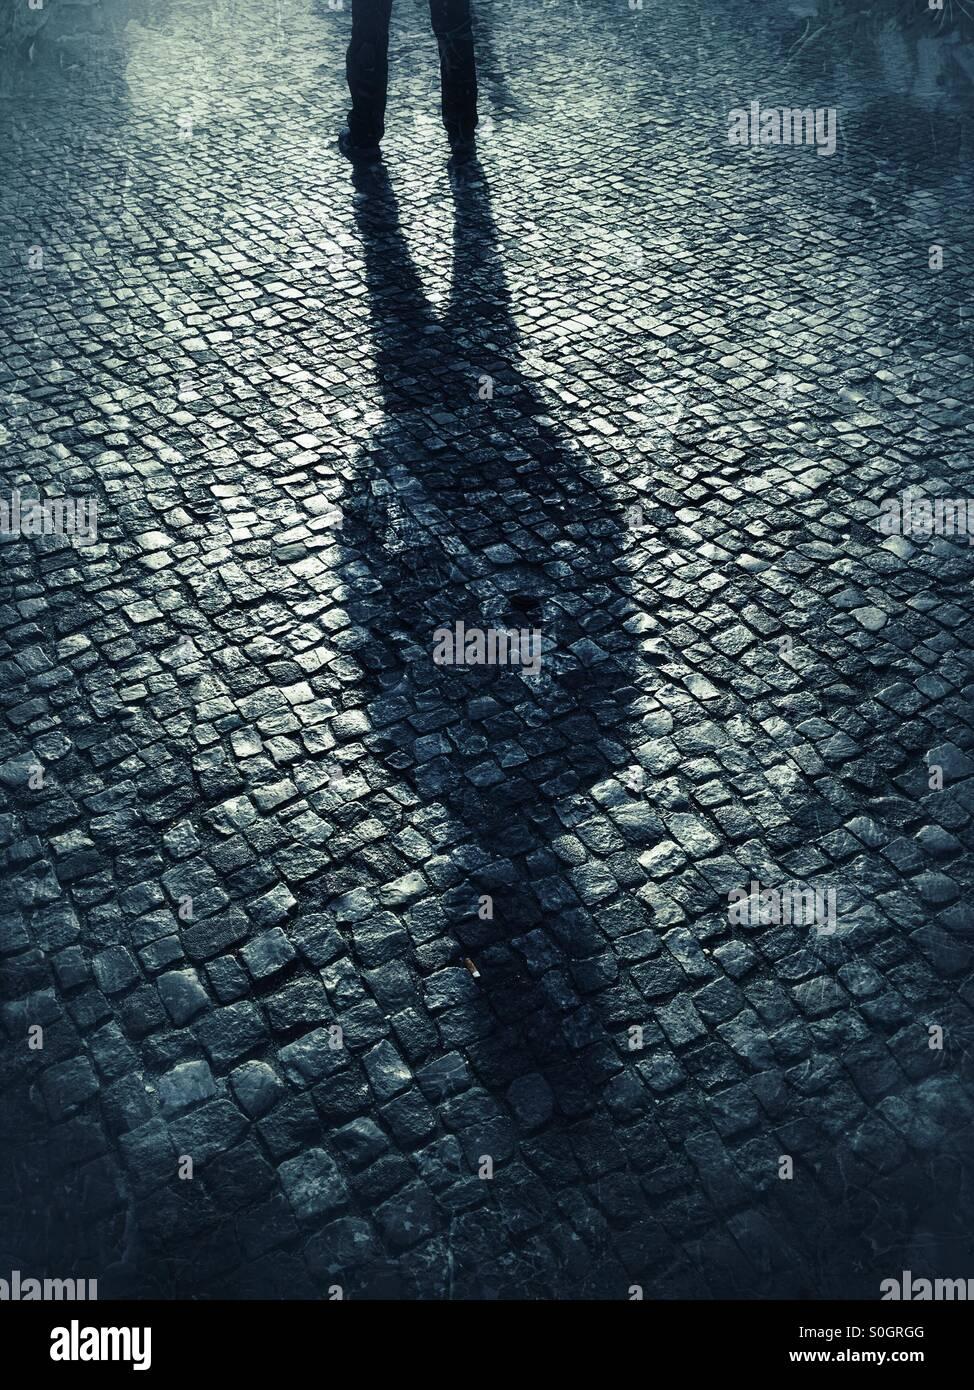 Finstere männliche Schatten auf gepflasterten Straße Stockbild